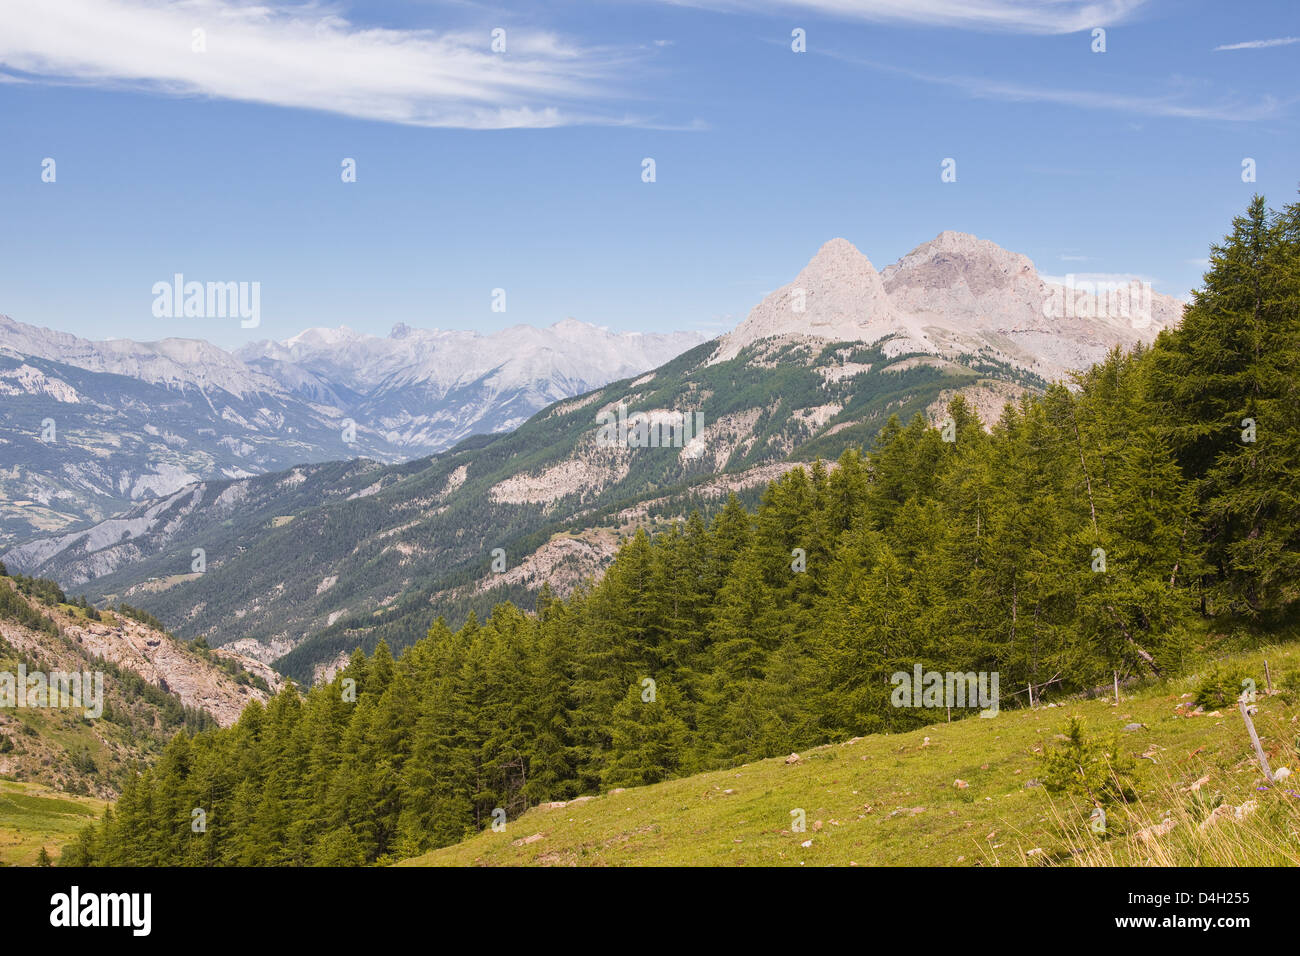 Le col de la chaîne de montagne et par la vallée de l'Ubaye, Alpes de Haute Provence, Provence, France Photo Stock